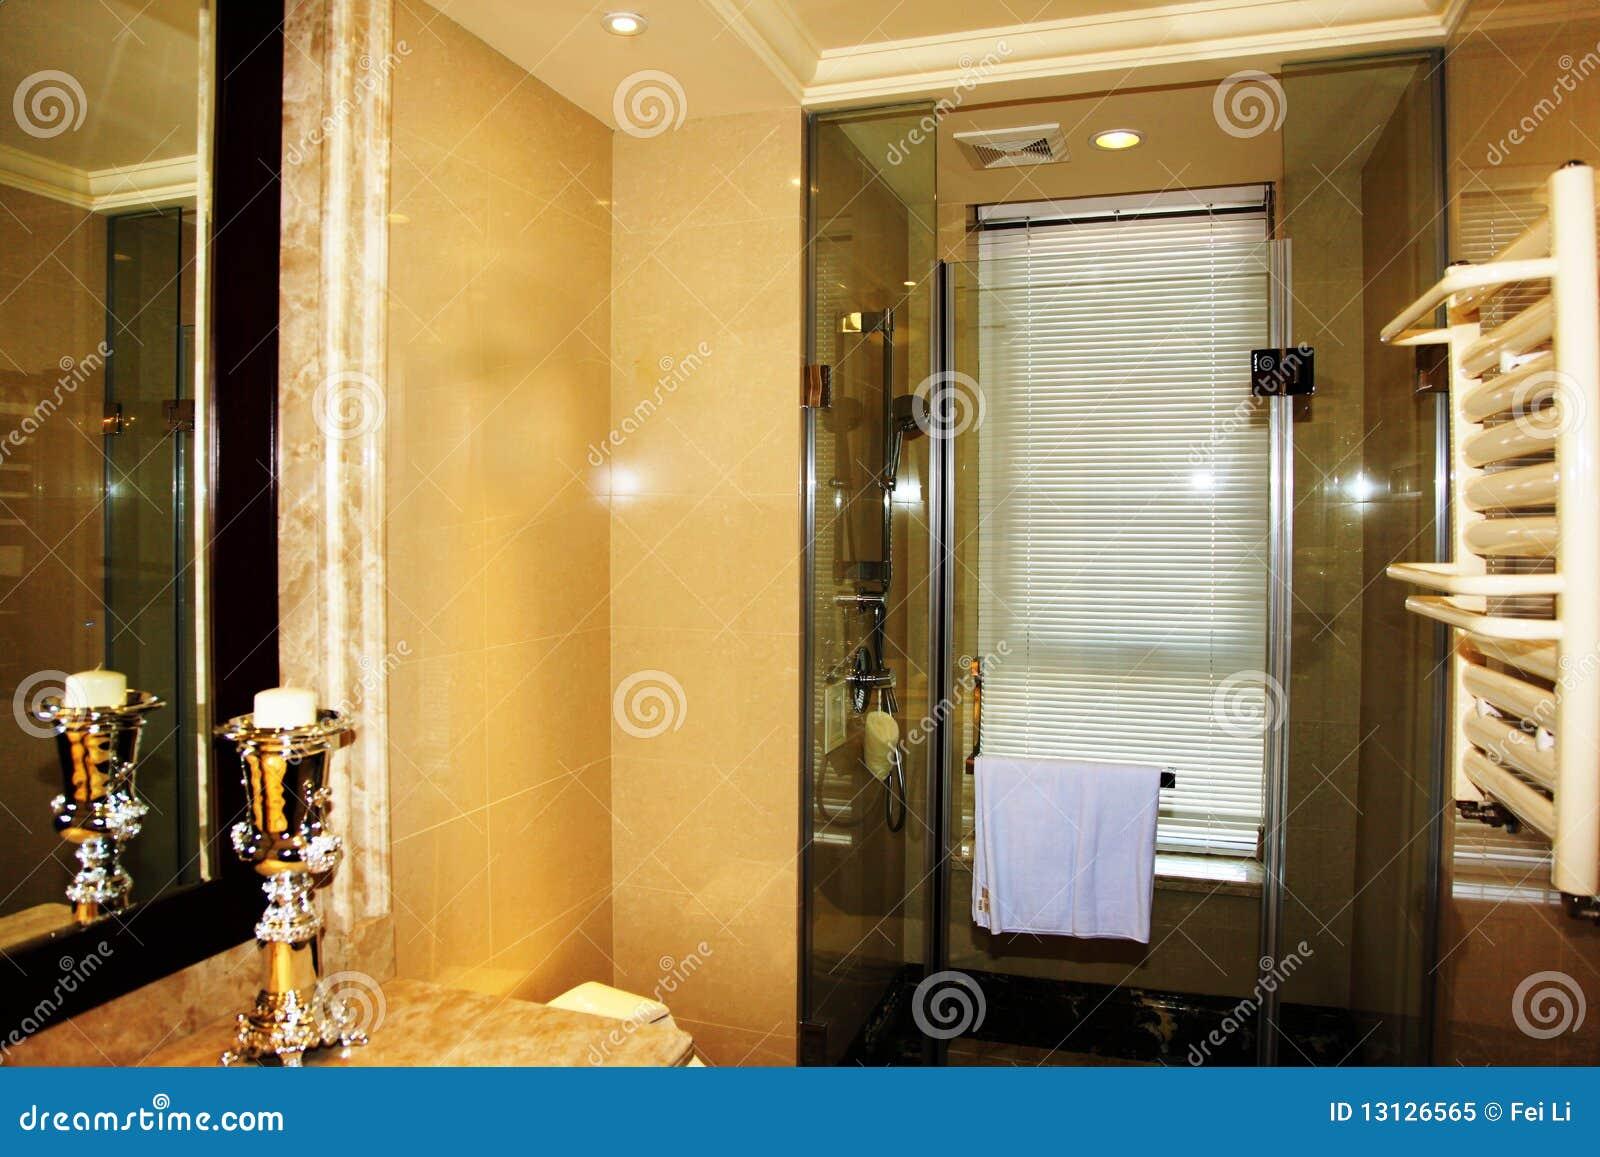 Cuarto De Baño Moderno Fotos:Cuarto De Baño Moderno Foto de archivo libre de regalías – Imagen